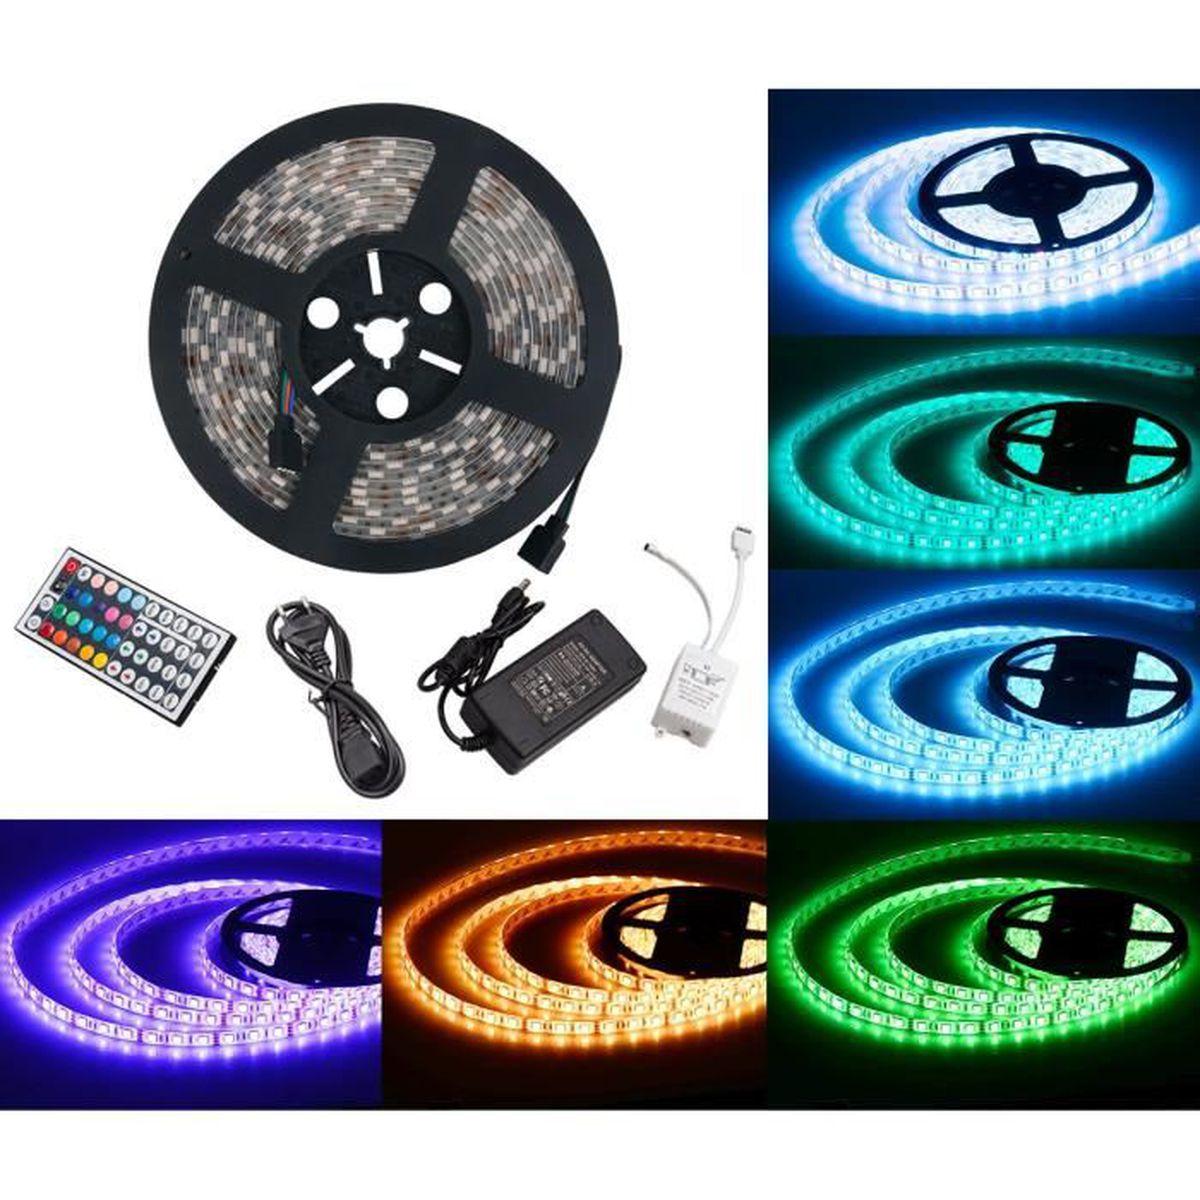 BANDE - RUBAN LED Ruban LED (5m) 5050 RGB SMD Multicolore 300 LEDs 6